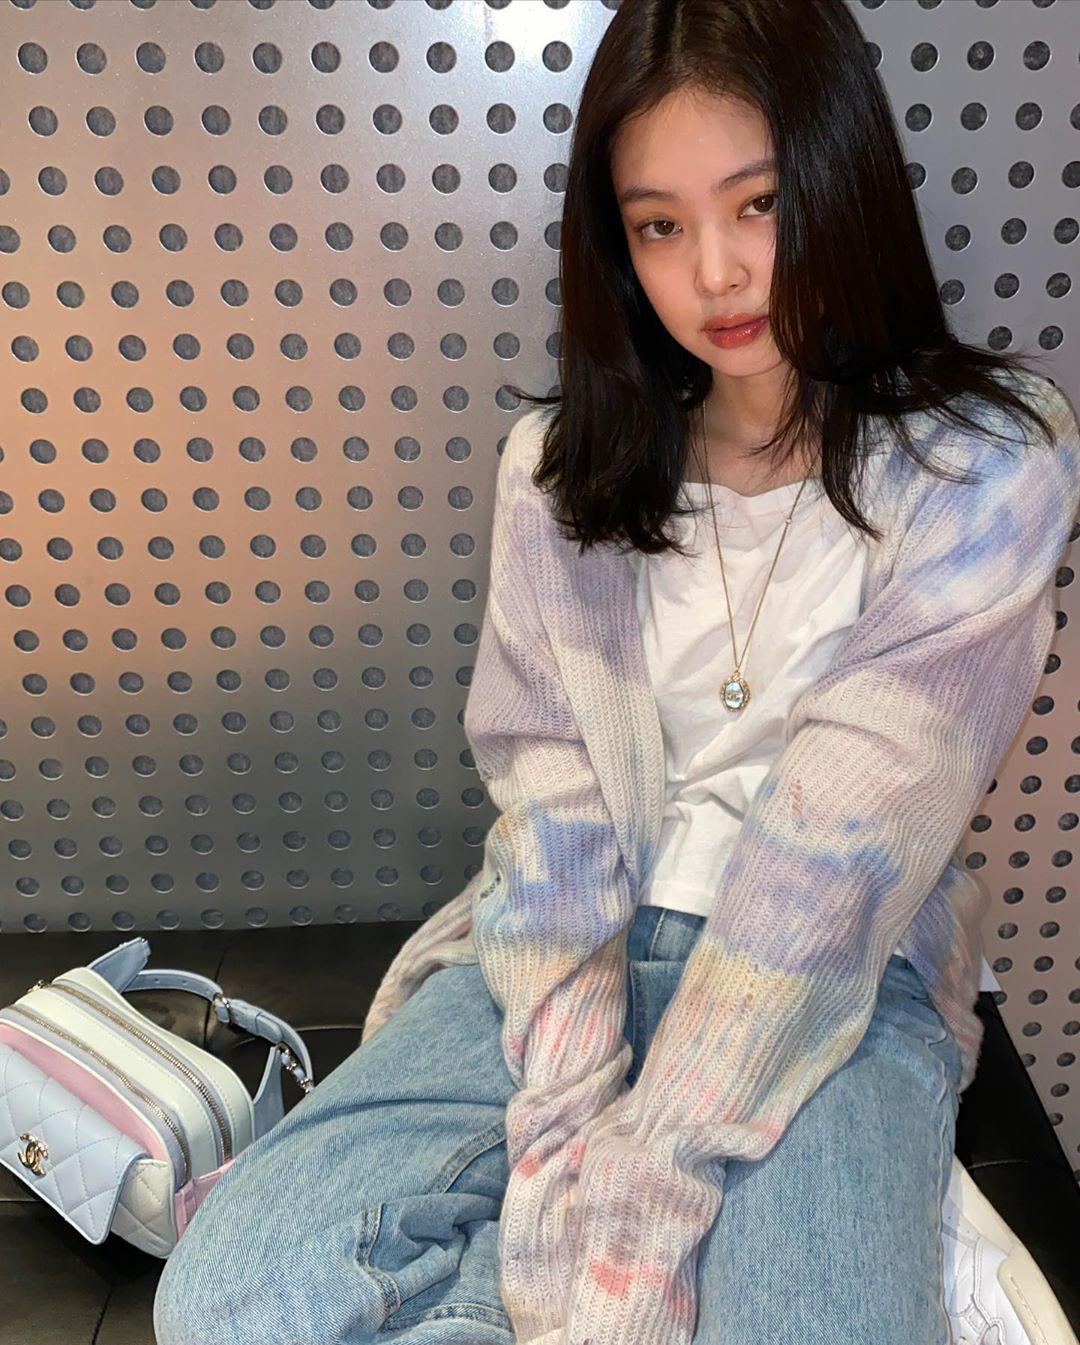 áo thun tie dye phong cách retro 90 vintage jennie kim